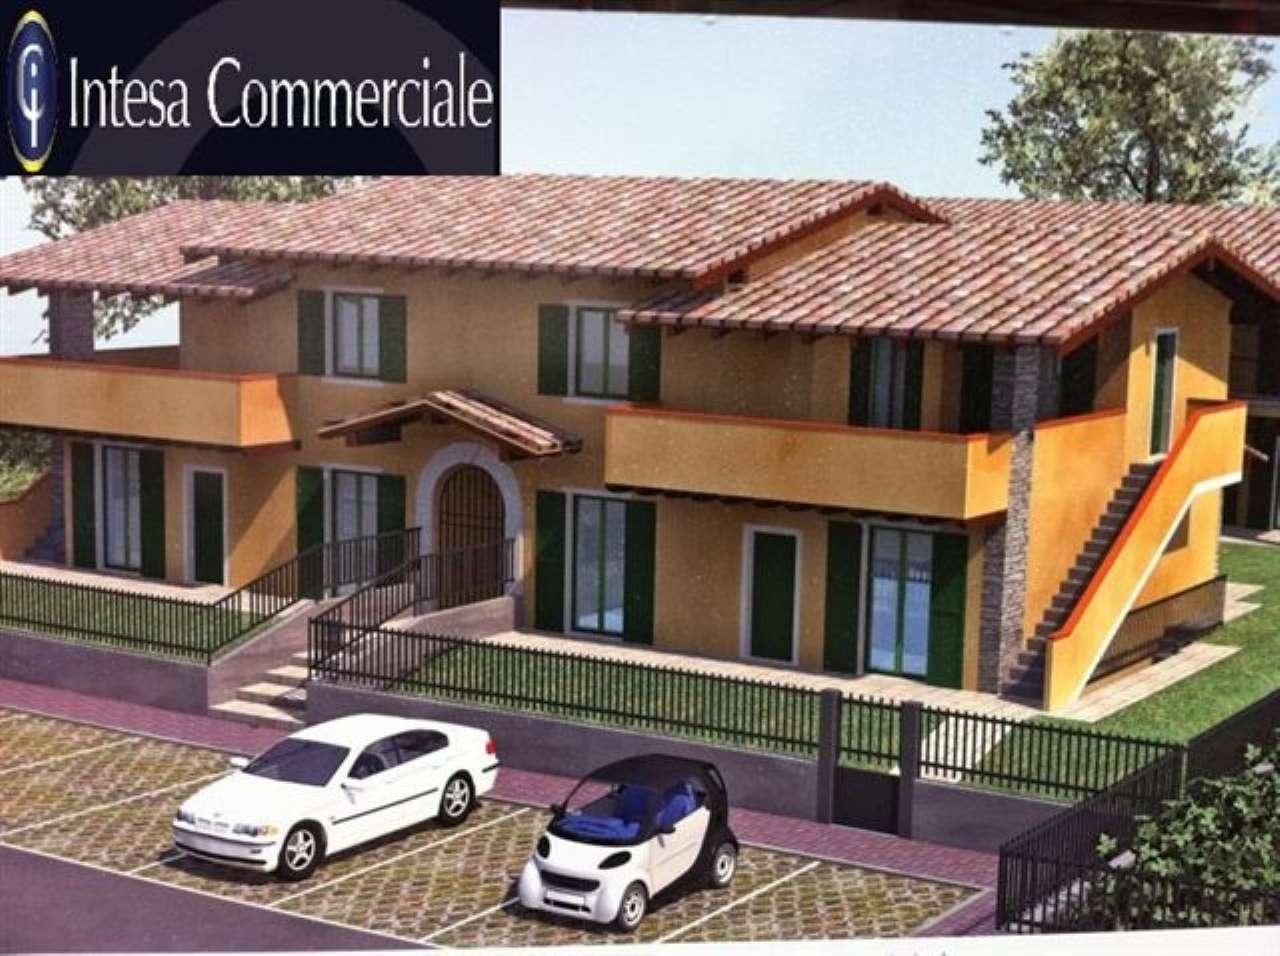 Appartamento in vendita a San Zeno Naviglio, 3 locali, prezzo € 260.000 | PortaleAgenzieImmobiliari.it